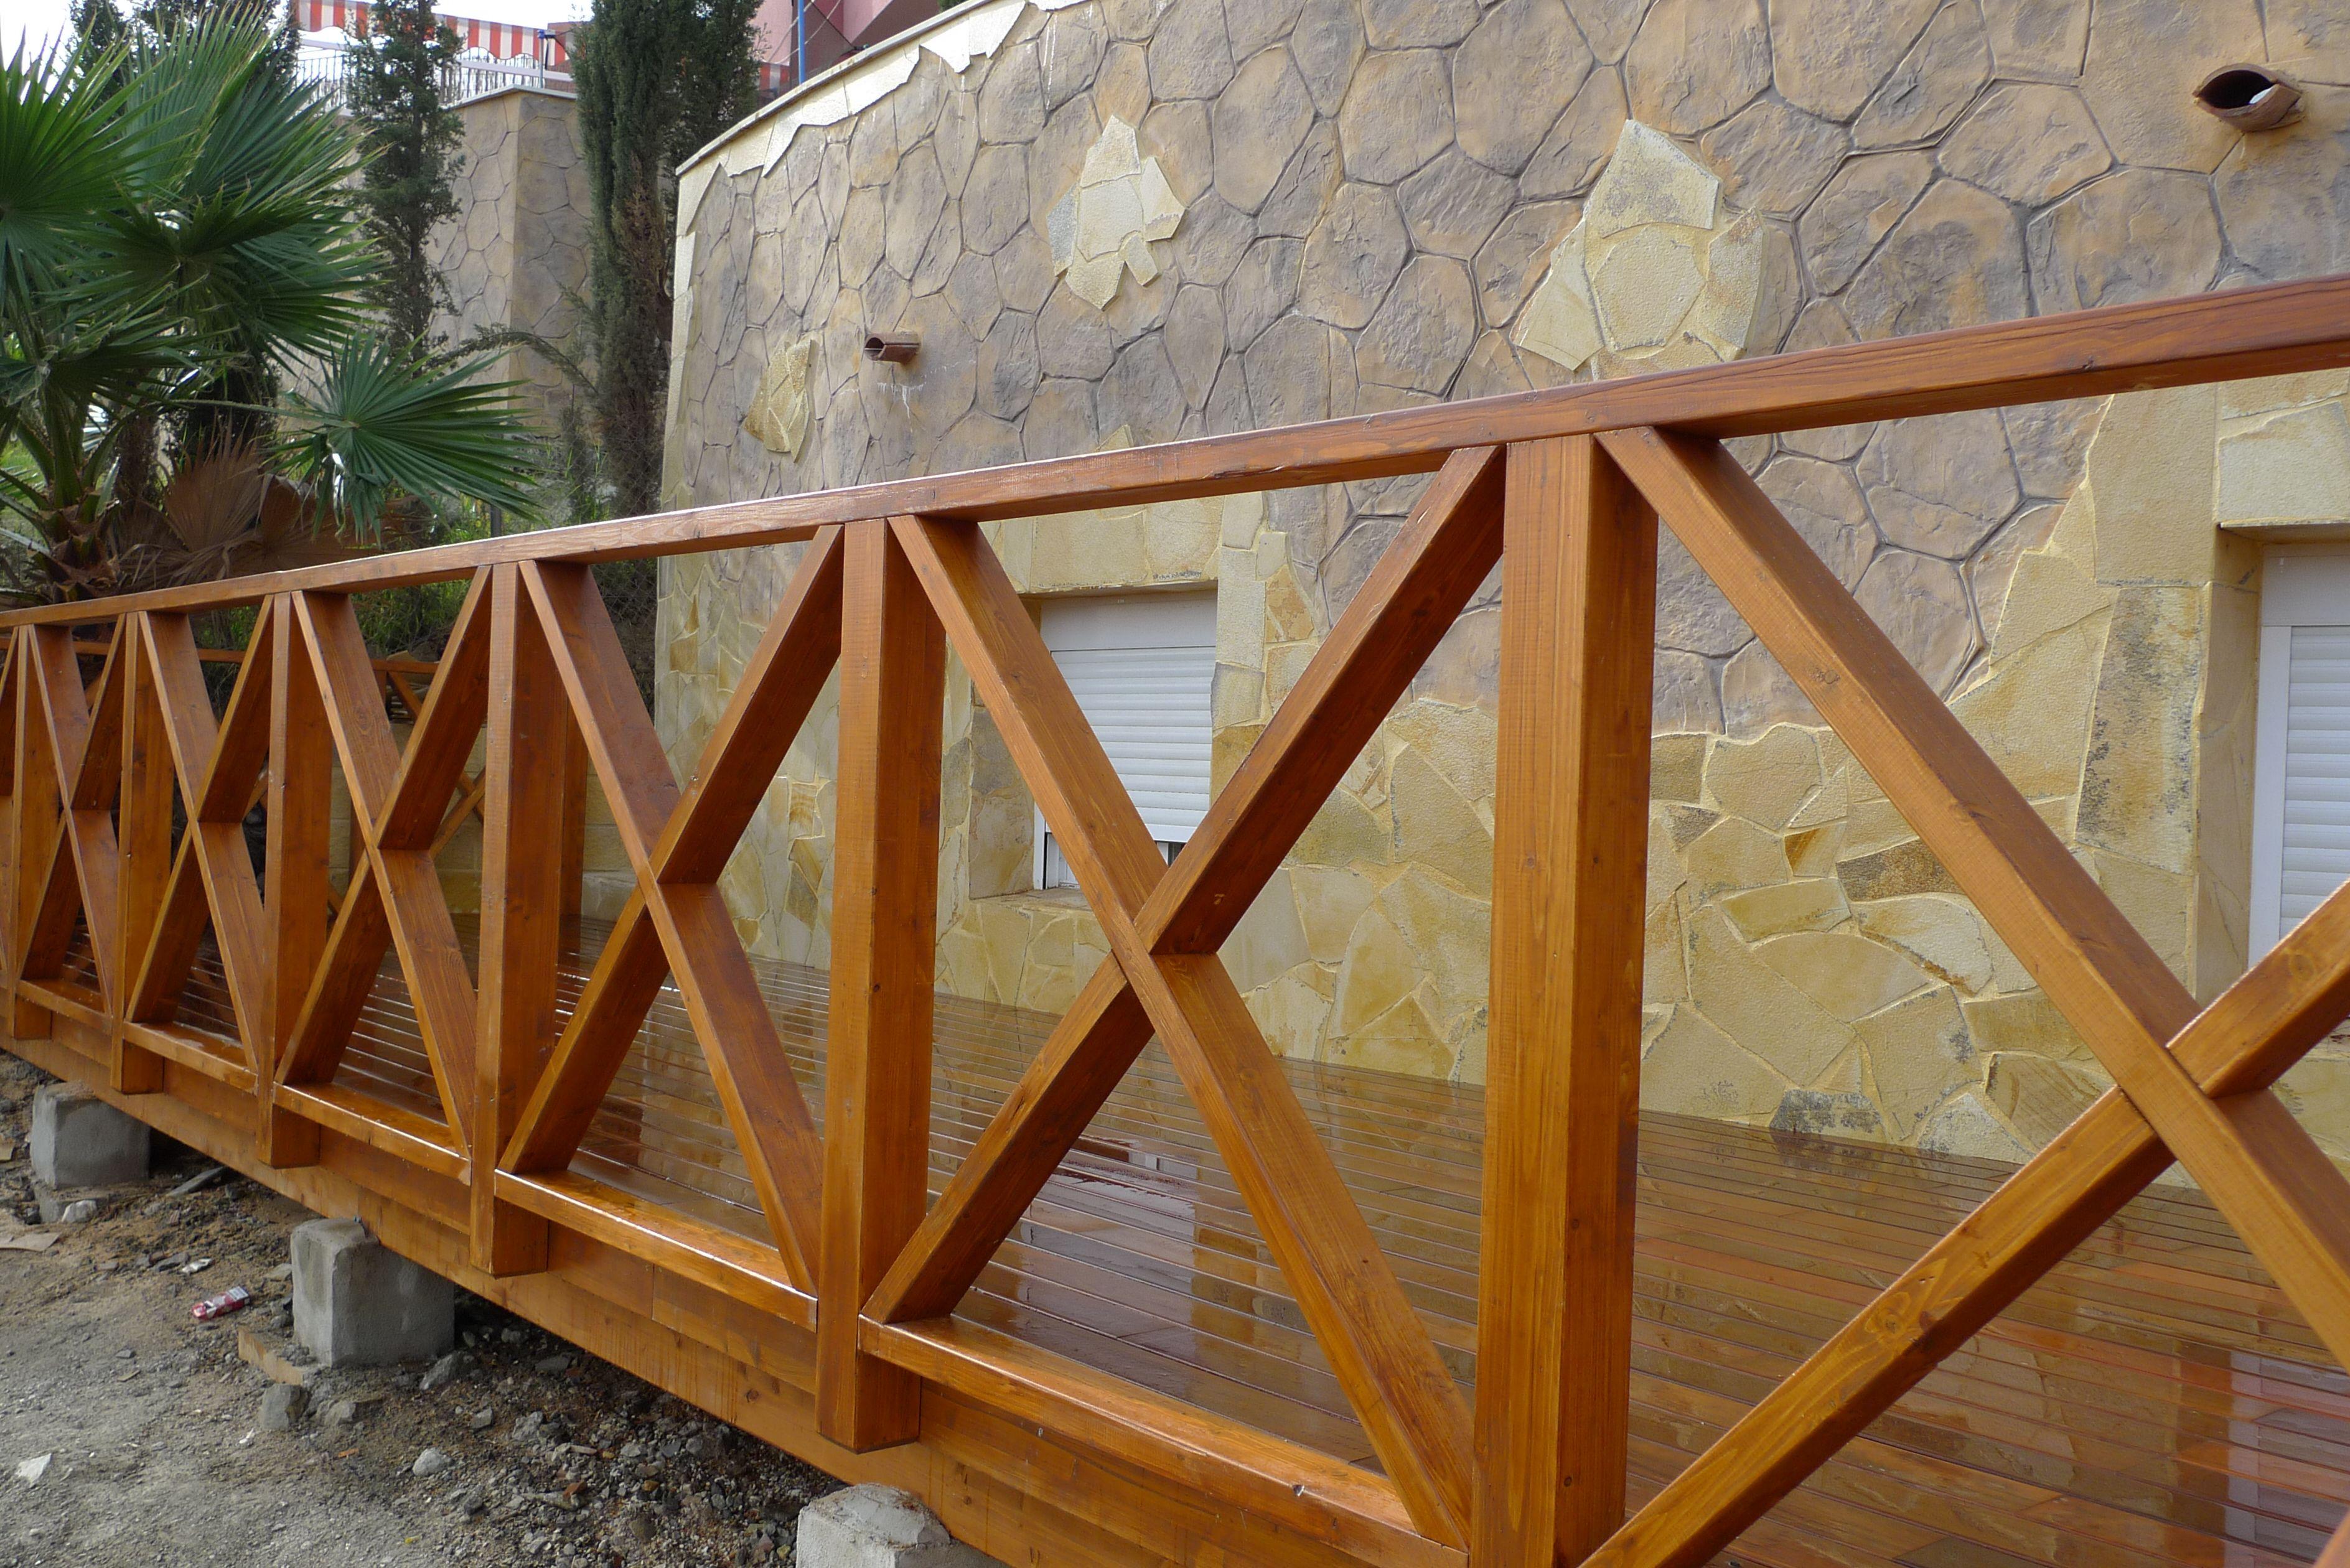 Reforma en jard n detalle barandilla y suelo de madera - Baranda de madera ...